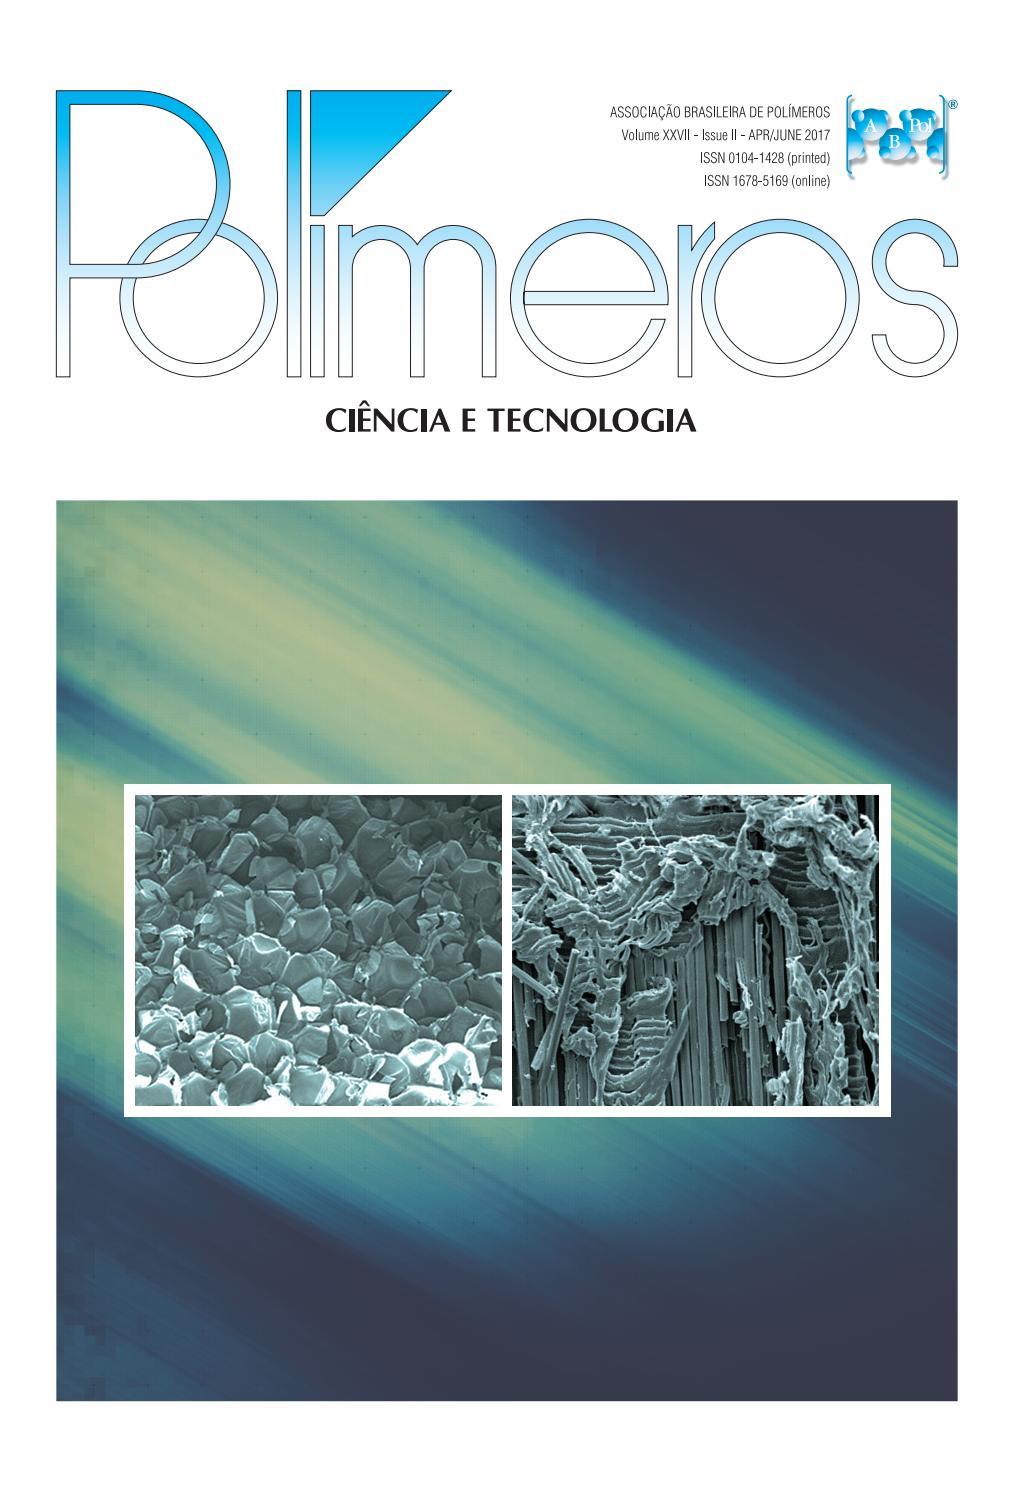 Polímeros: Ciência e Tecnologia 2nd. issue, vol 27, 2017 by ...